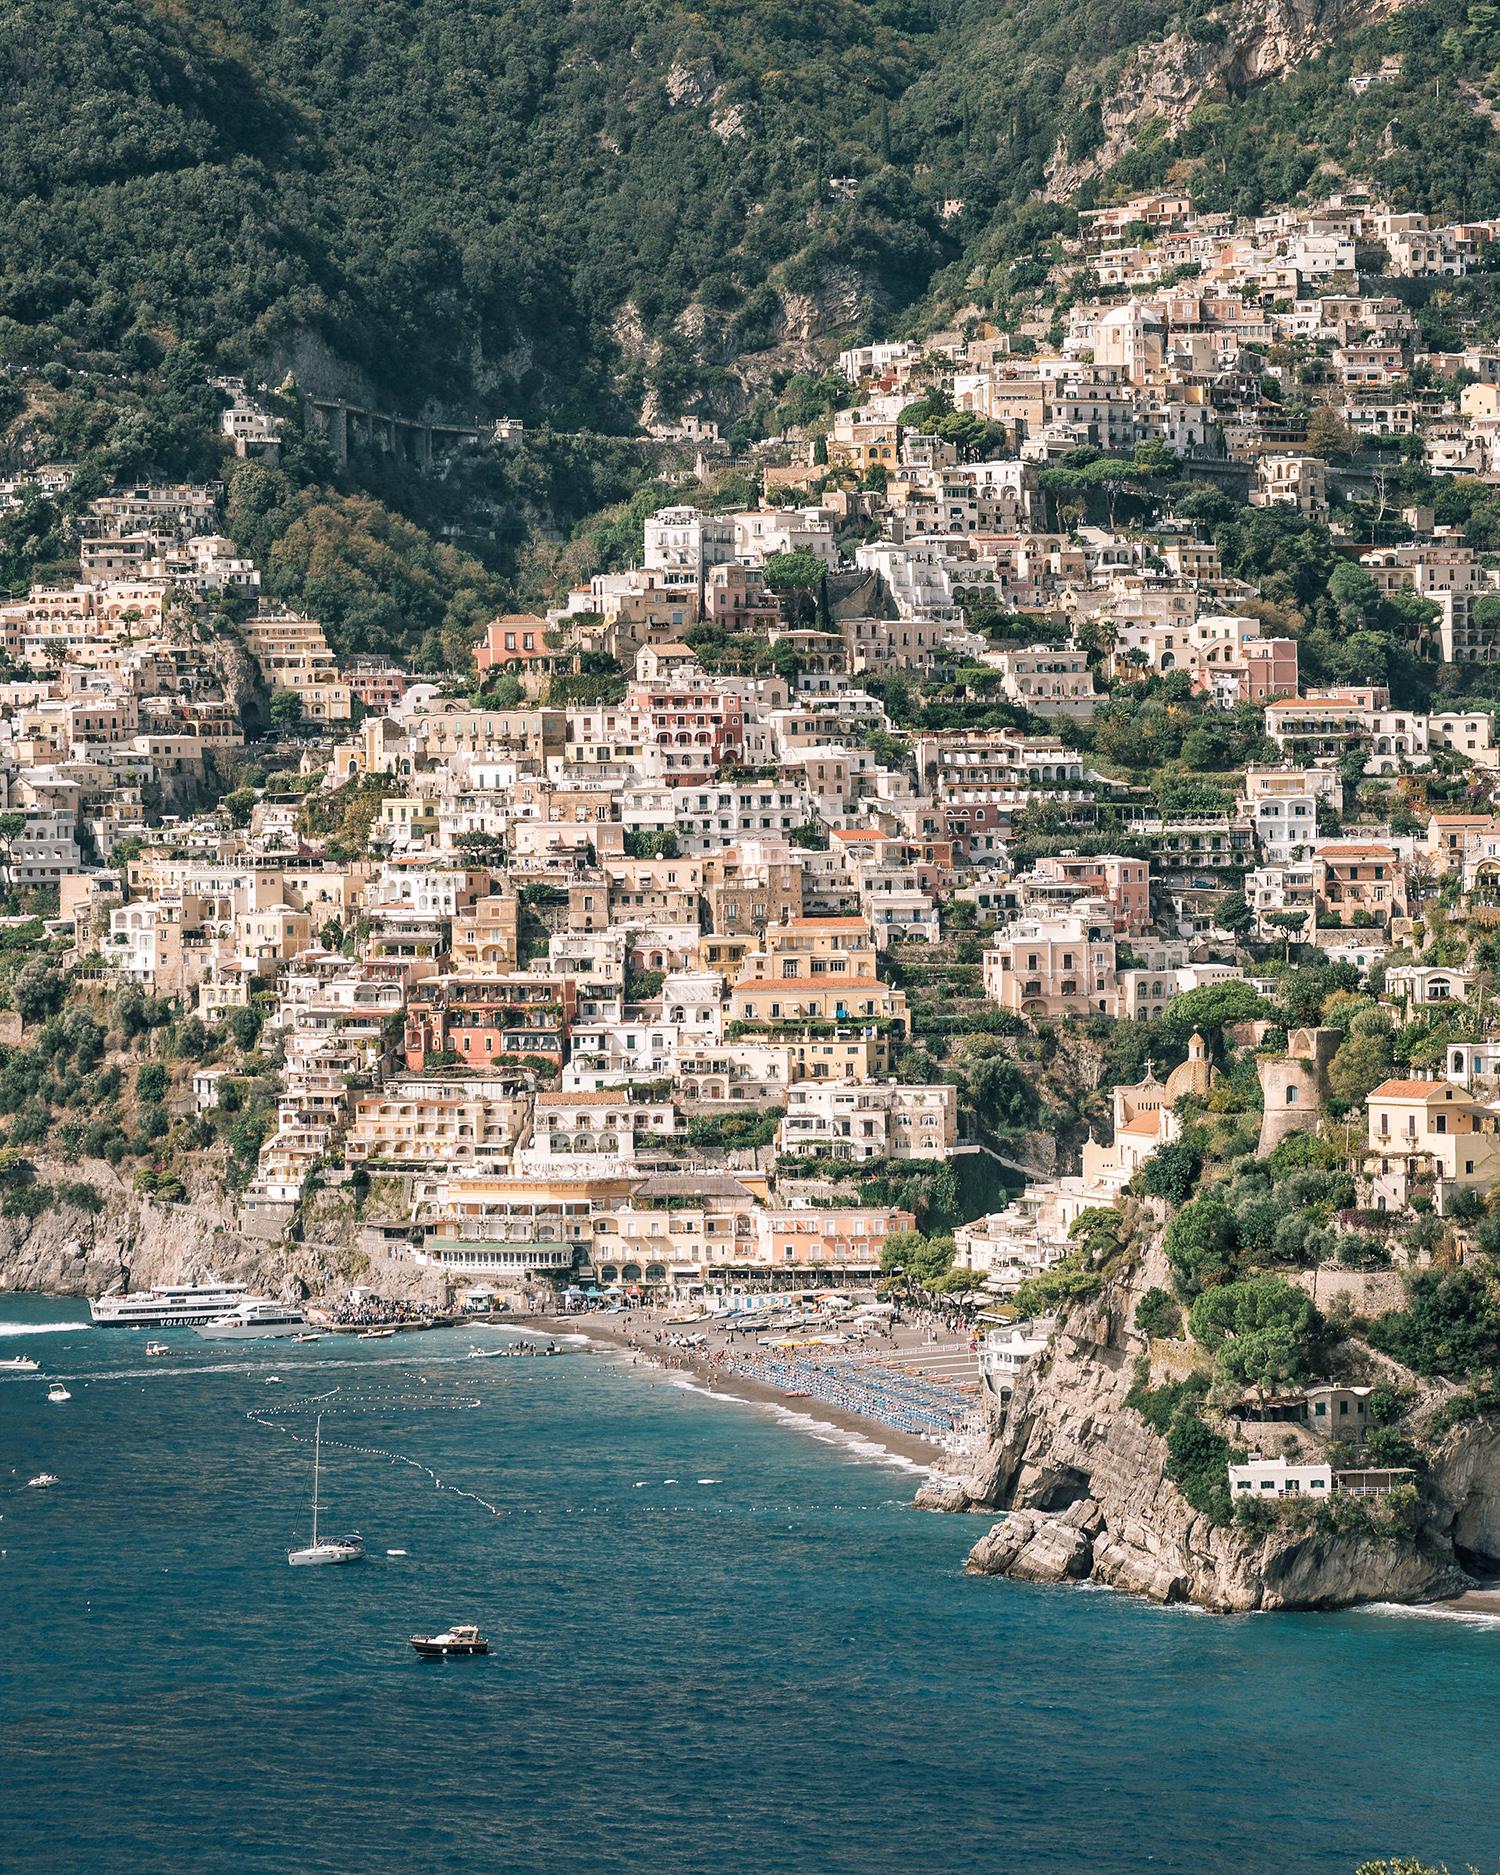 cara david wedding italian coast